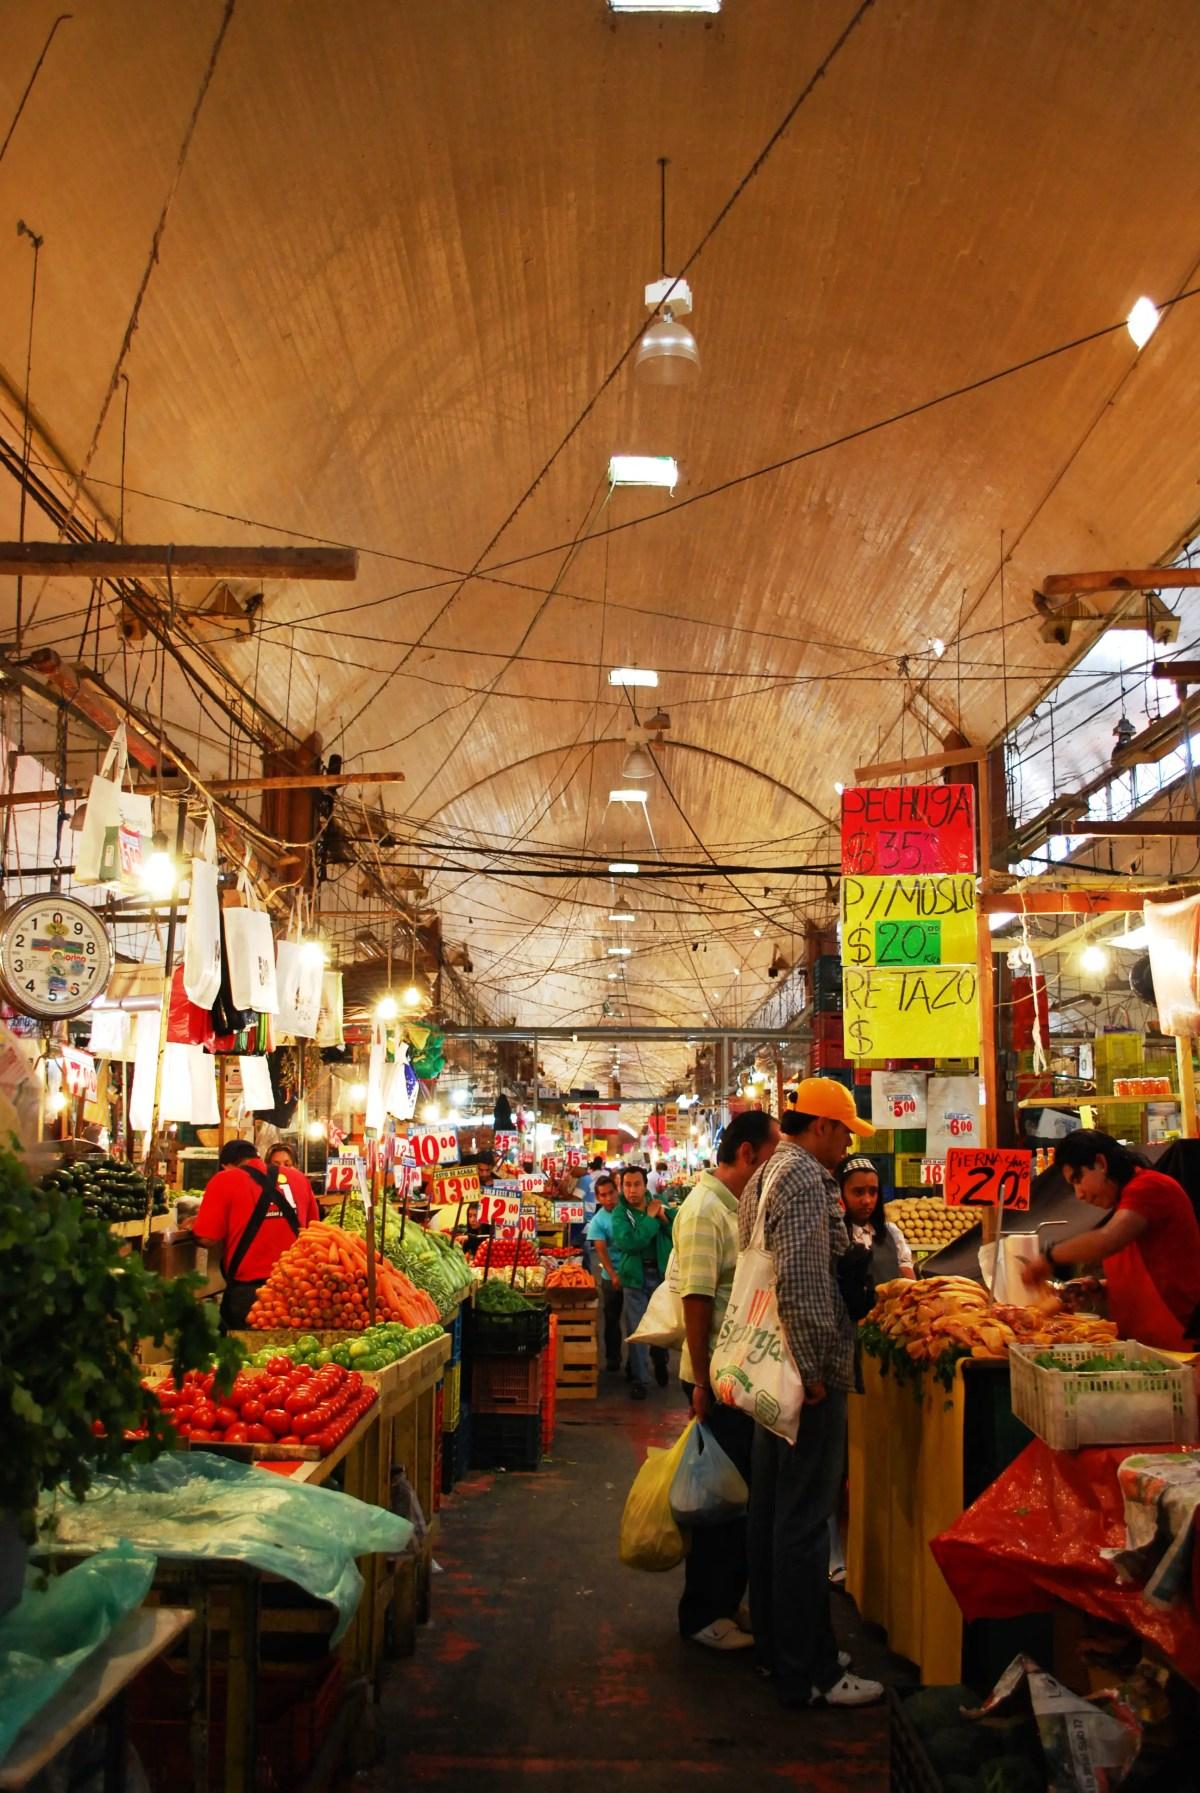 La Merced Market street market in Mexico City